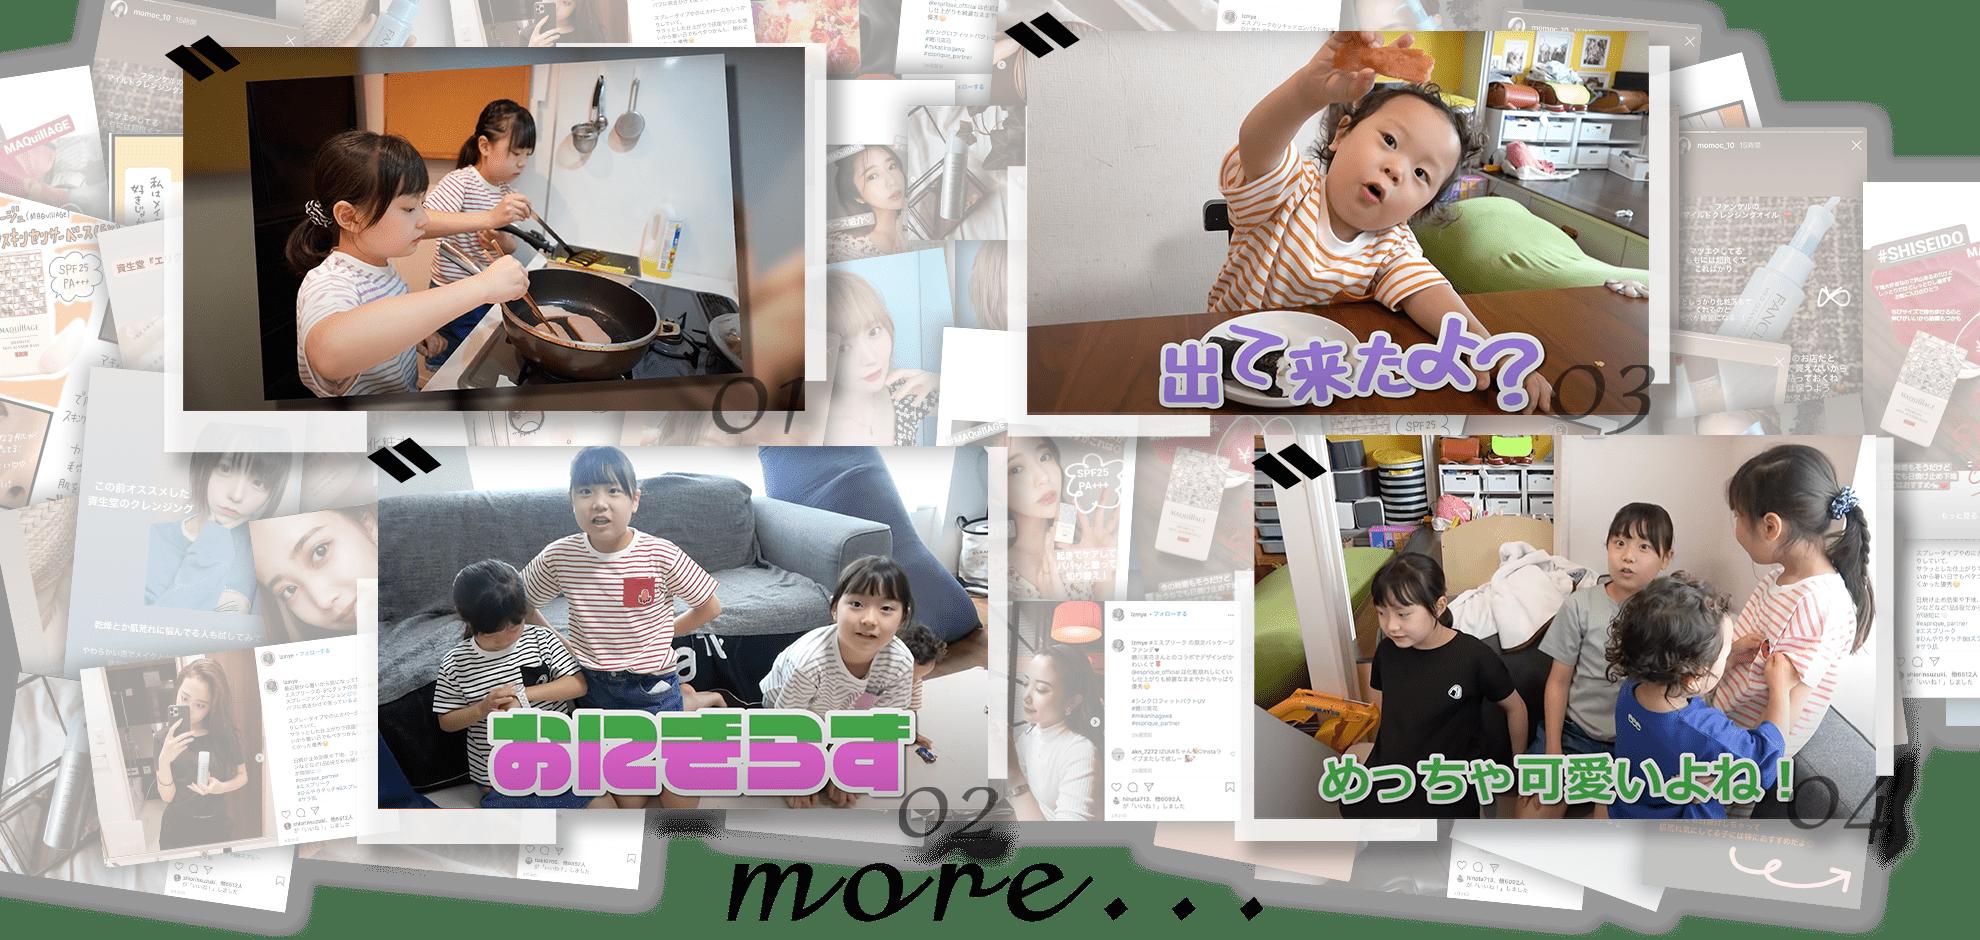 【kekeke】✖︎【YOUTUBER's】